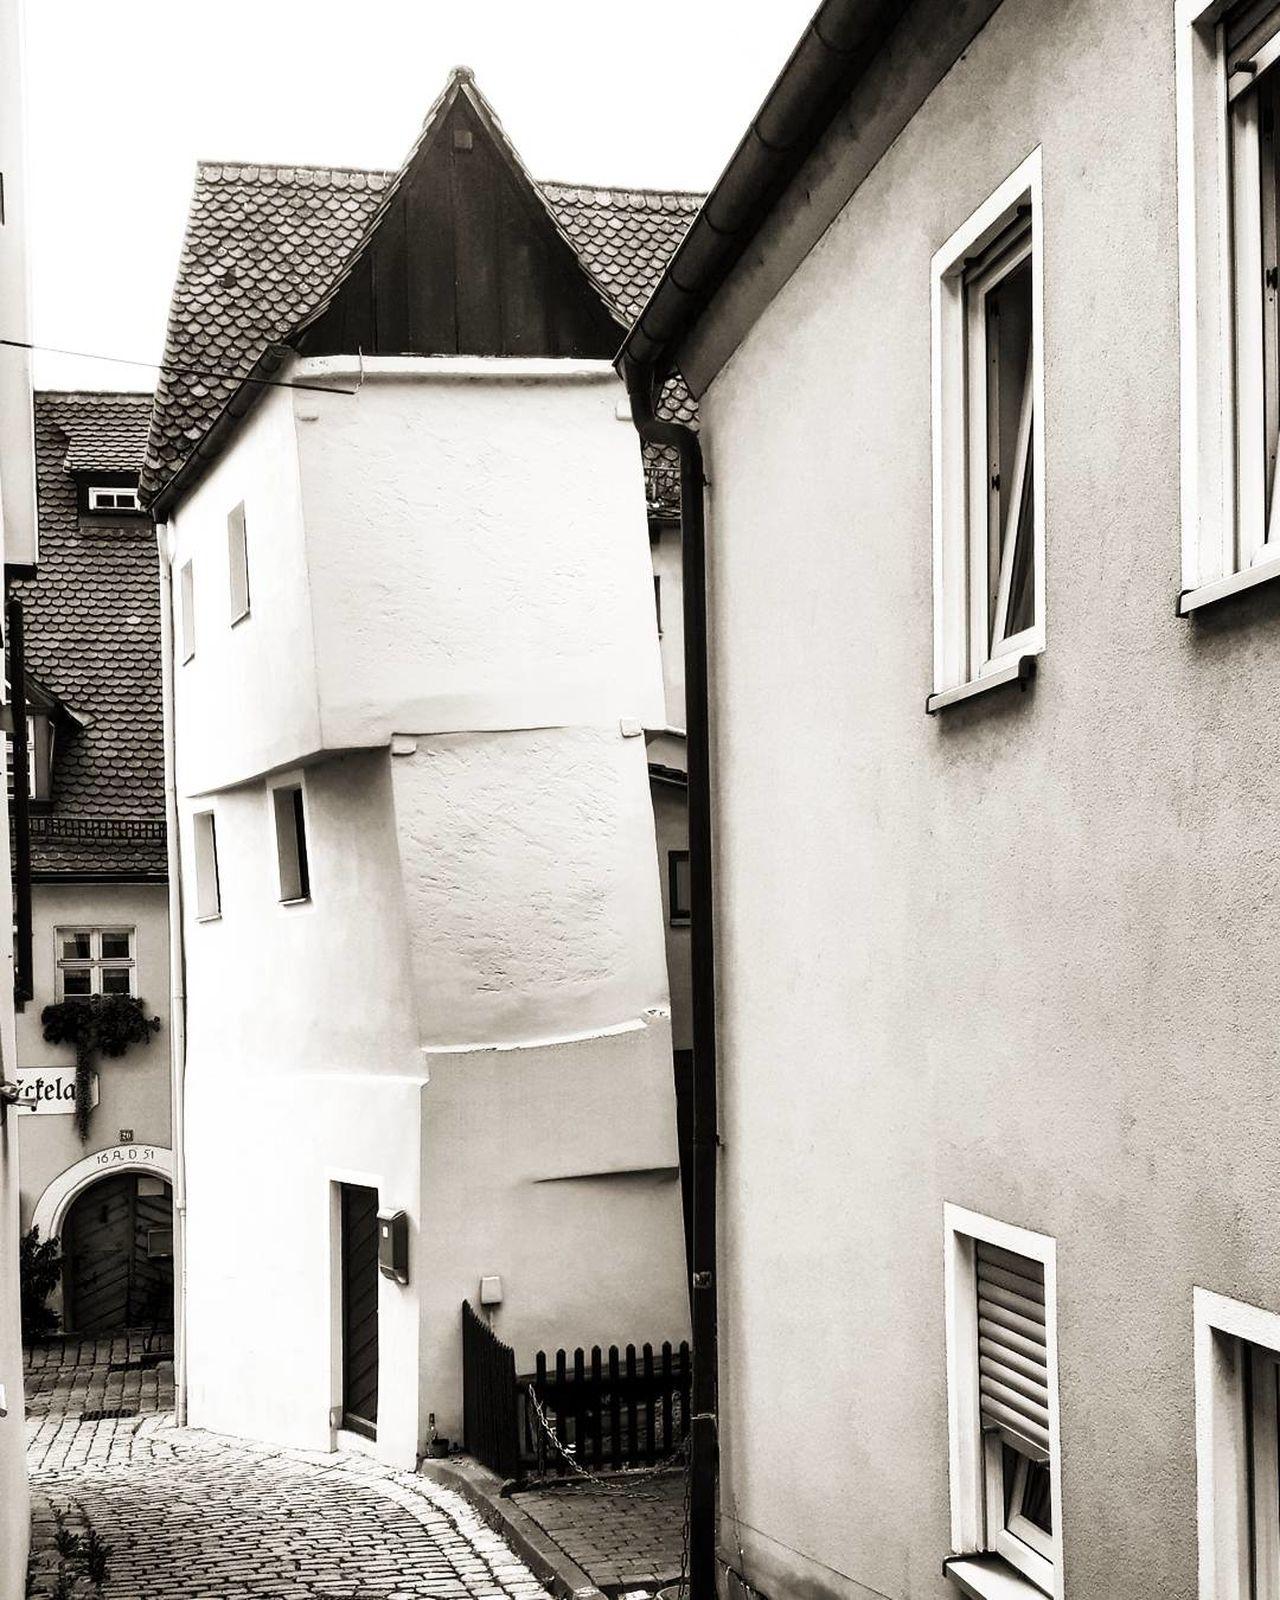 Crooked House Architecture Architektur Bavaria Bayern Blackandwhite Bnw Crook Crooked Crookedhouse Deutschland Franconia Franconianswitzerland Franken Germany Grafenberg Haus House Houses Häuser Krumm Krummeshaus Monochrome No People Schief SchiefesHaus